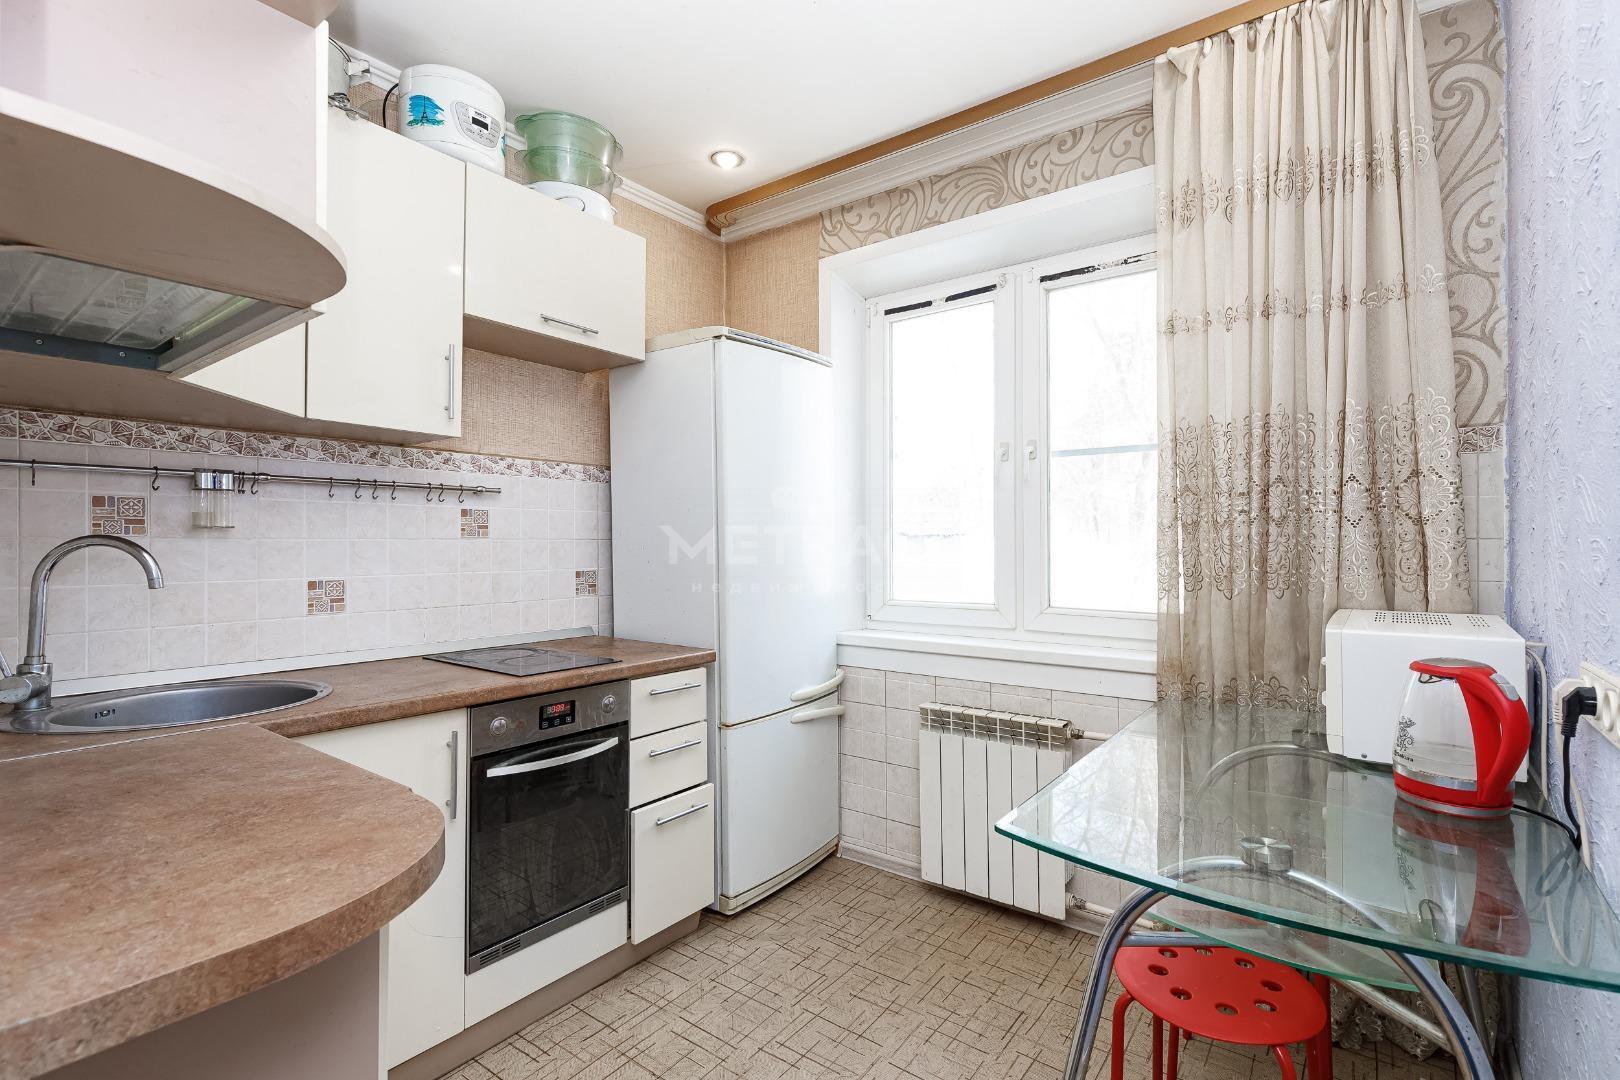 Кропоткина, 113, 2-комнатная квартира